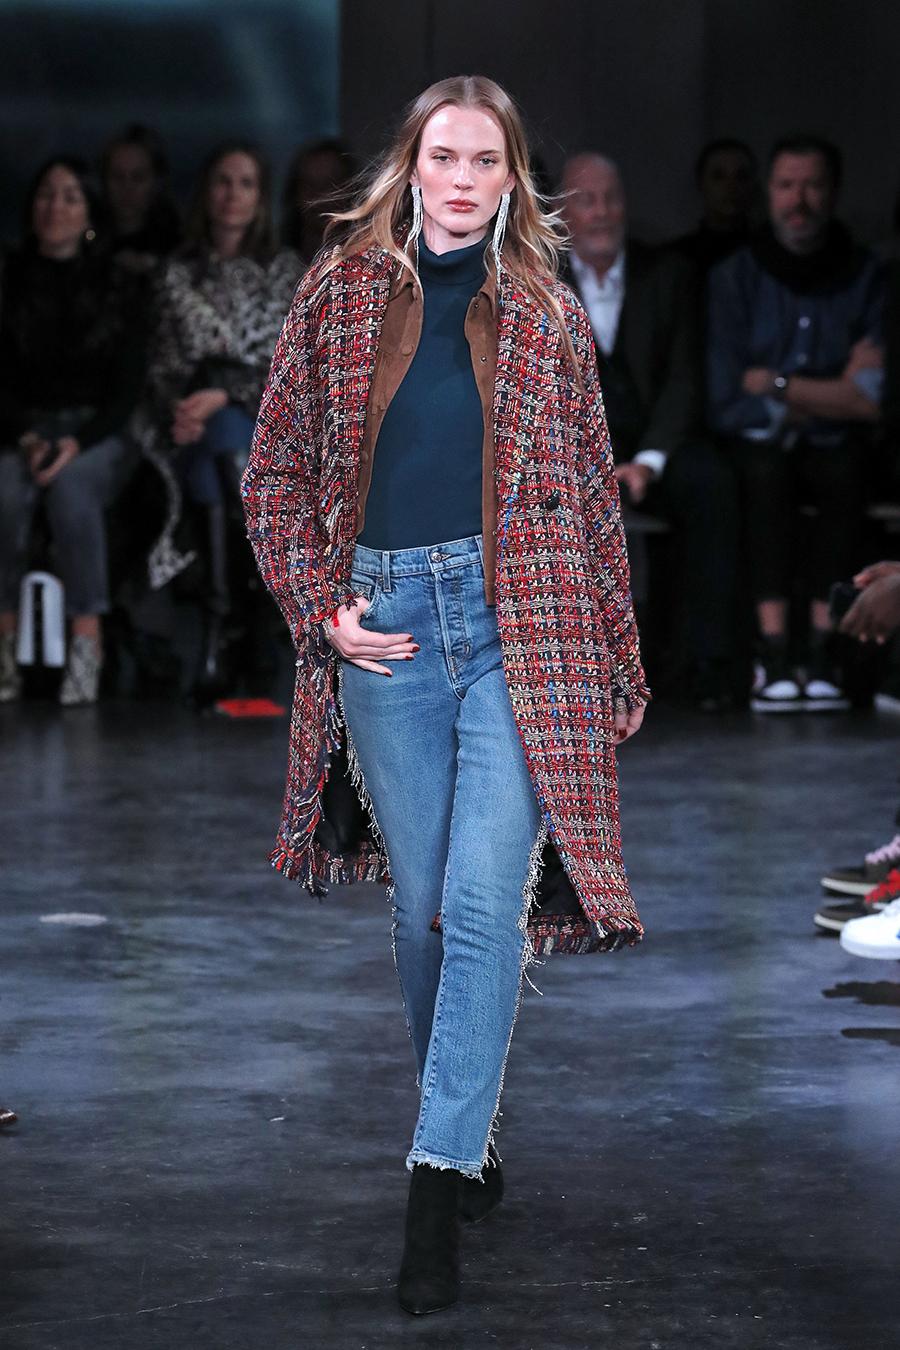 джинсы зима 2020 2021 модные бахрома необработанный край синие голуые узкие